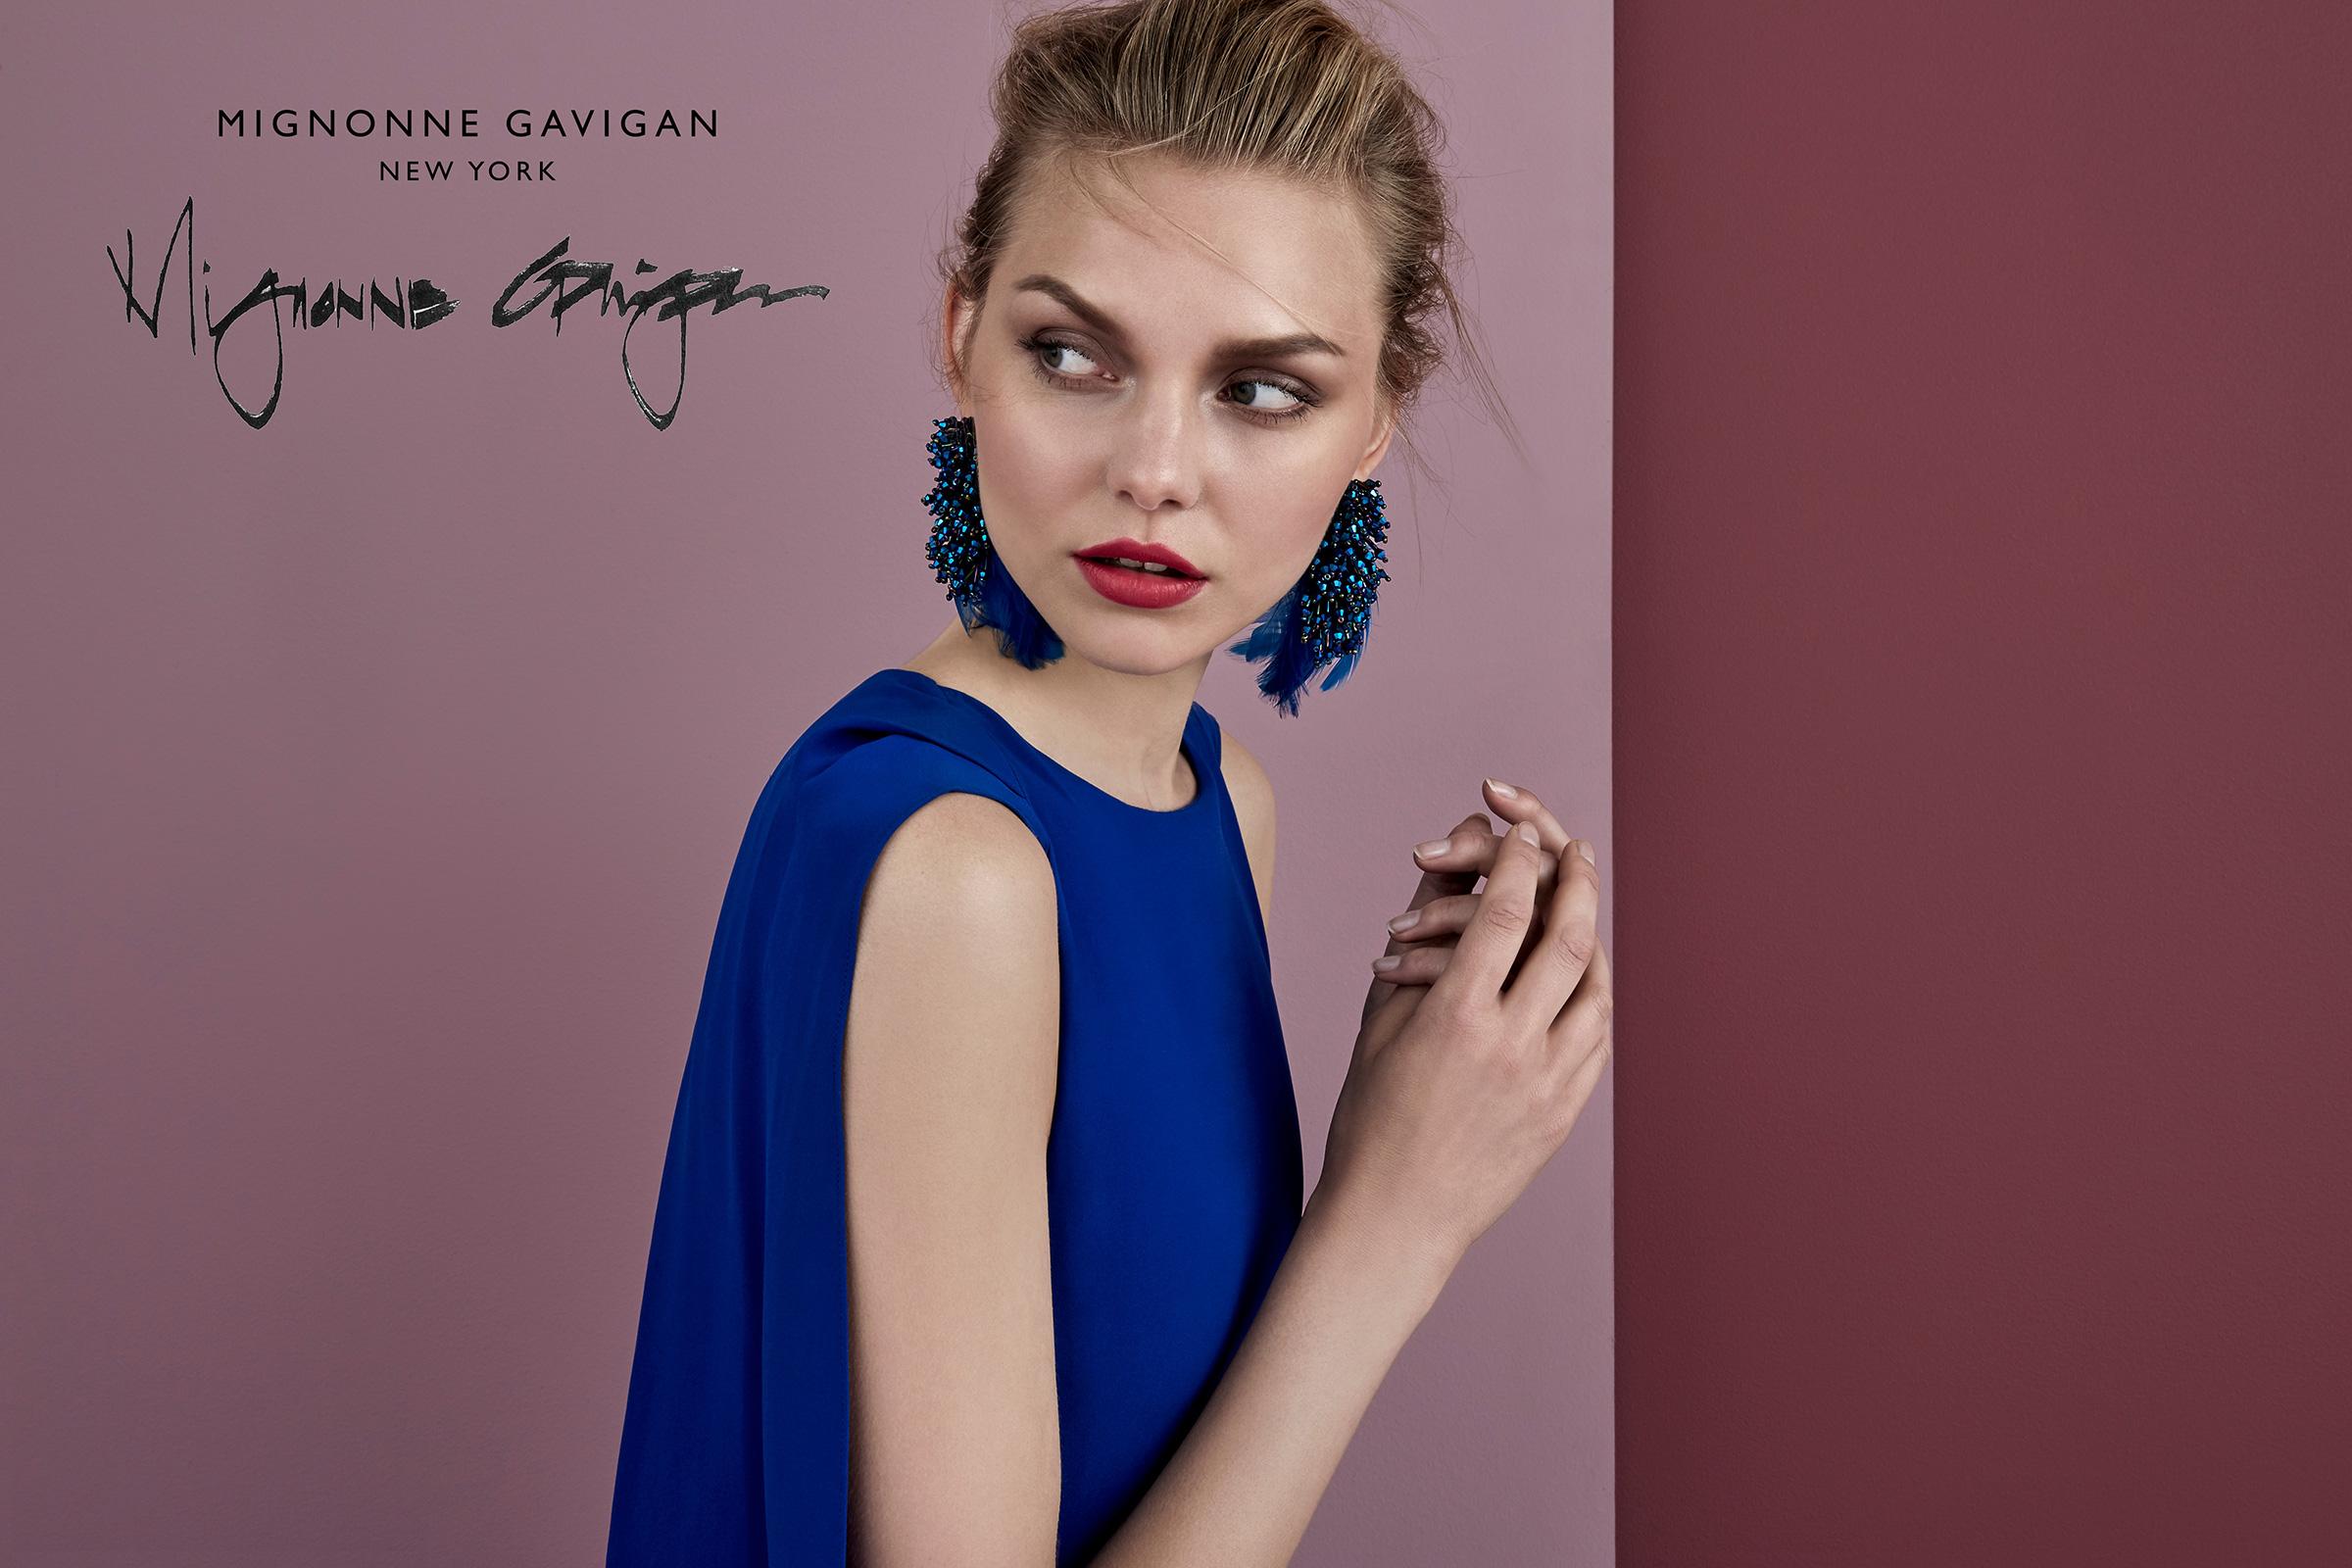 Mignonne Gavigan